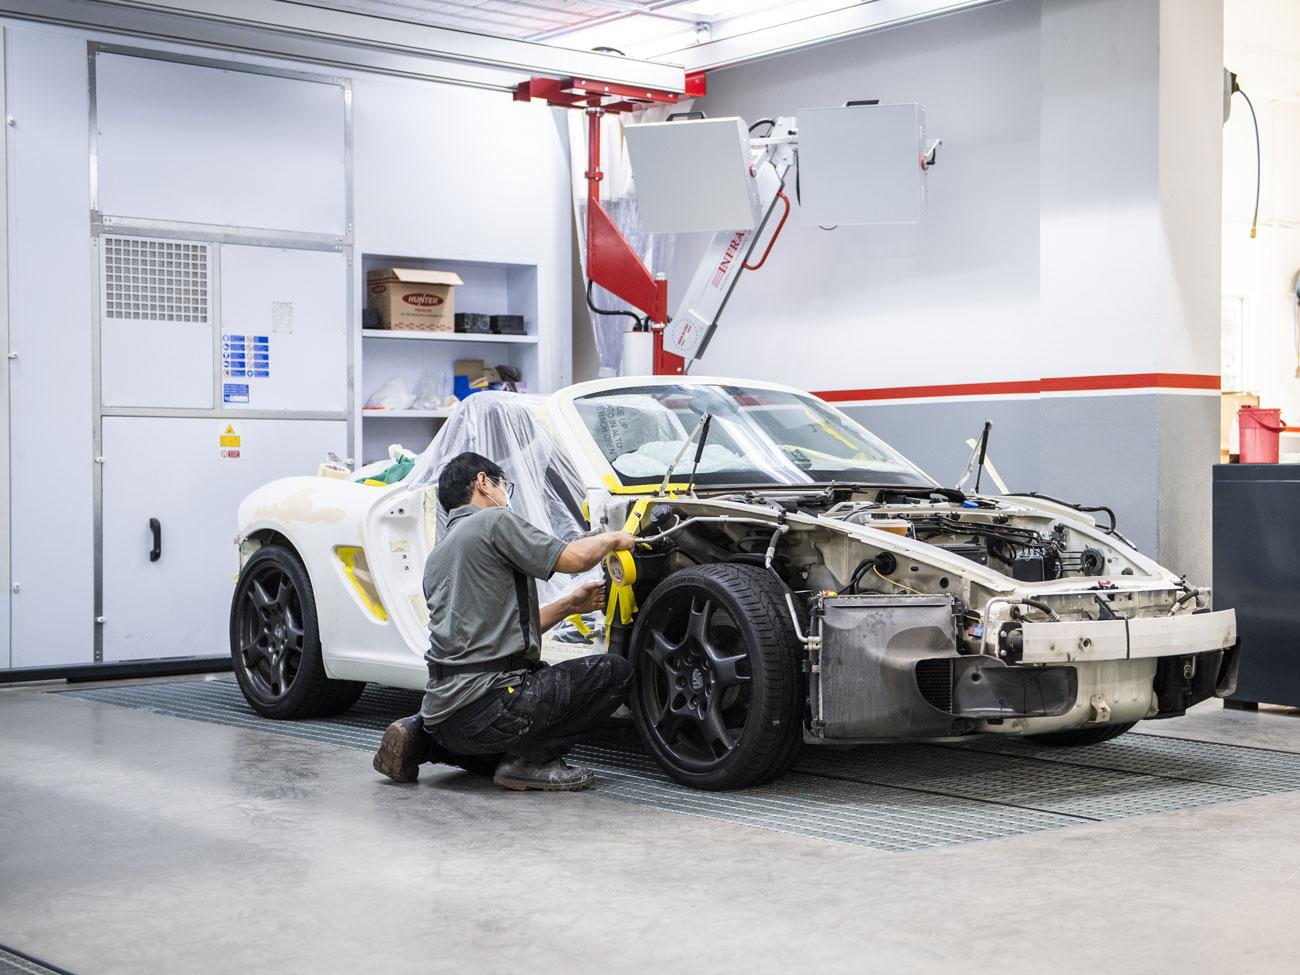 AXA Authorised Workshop Car Accident Repairs